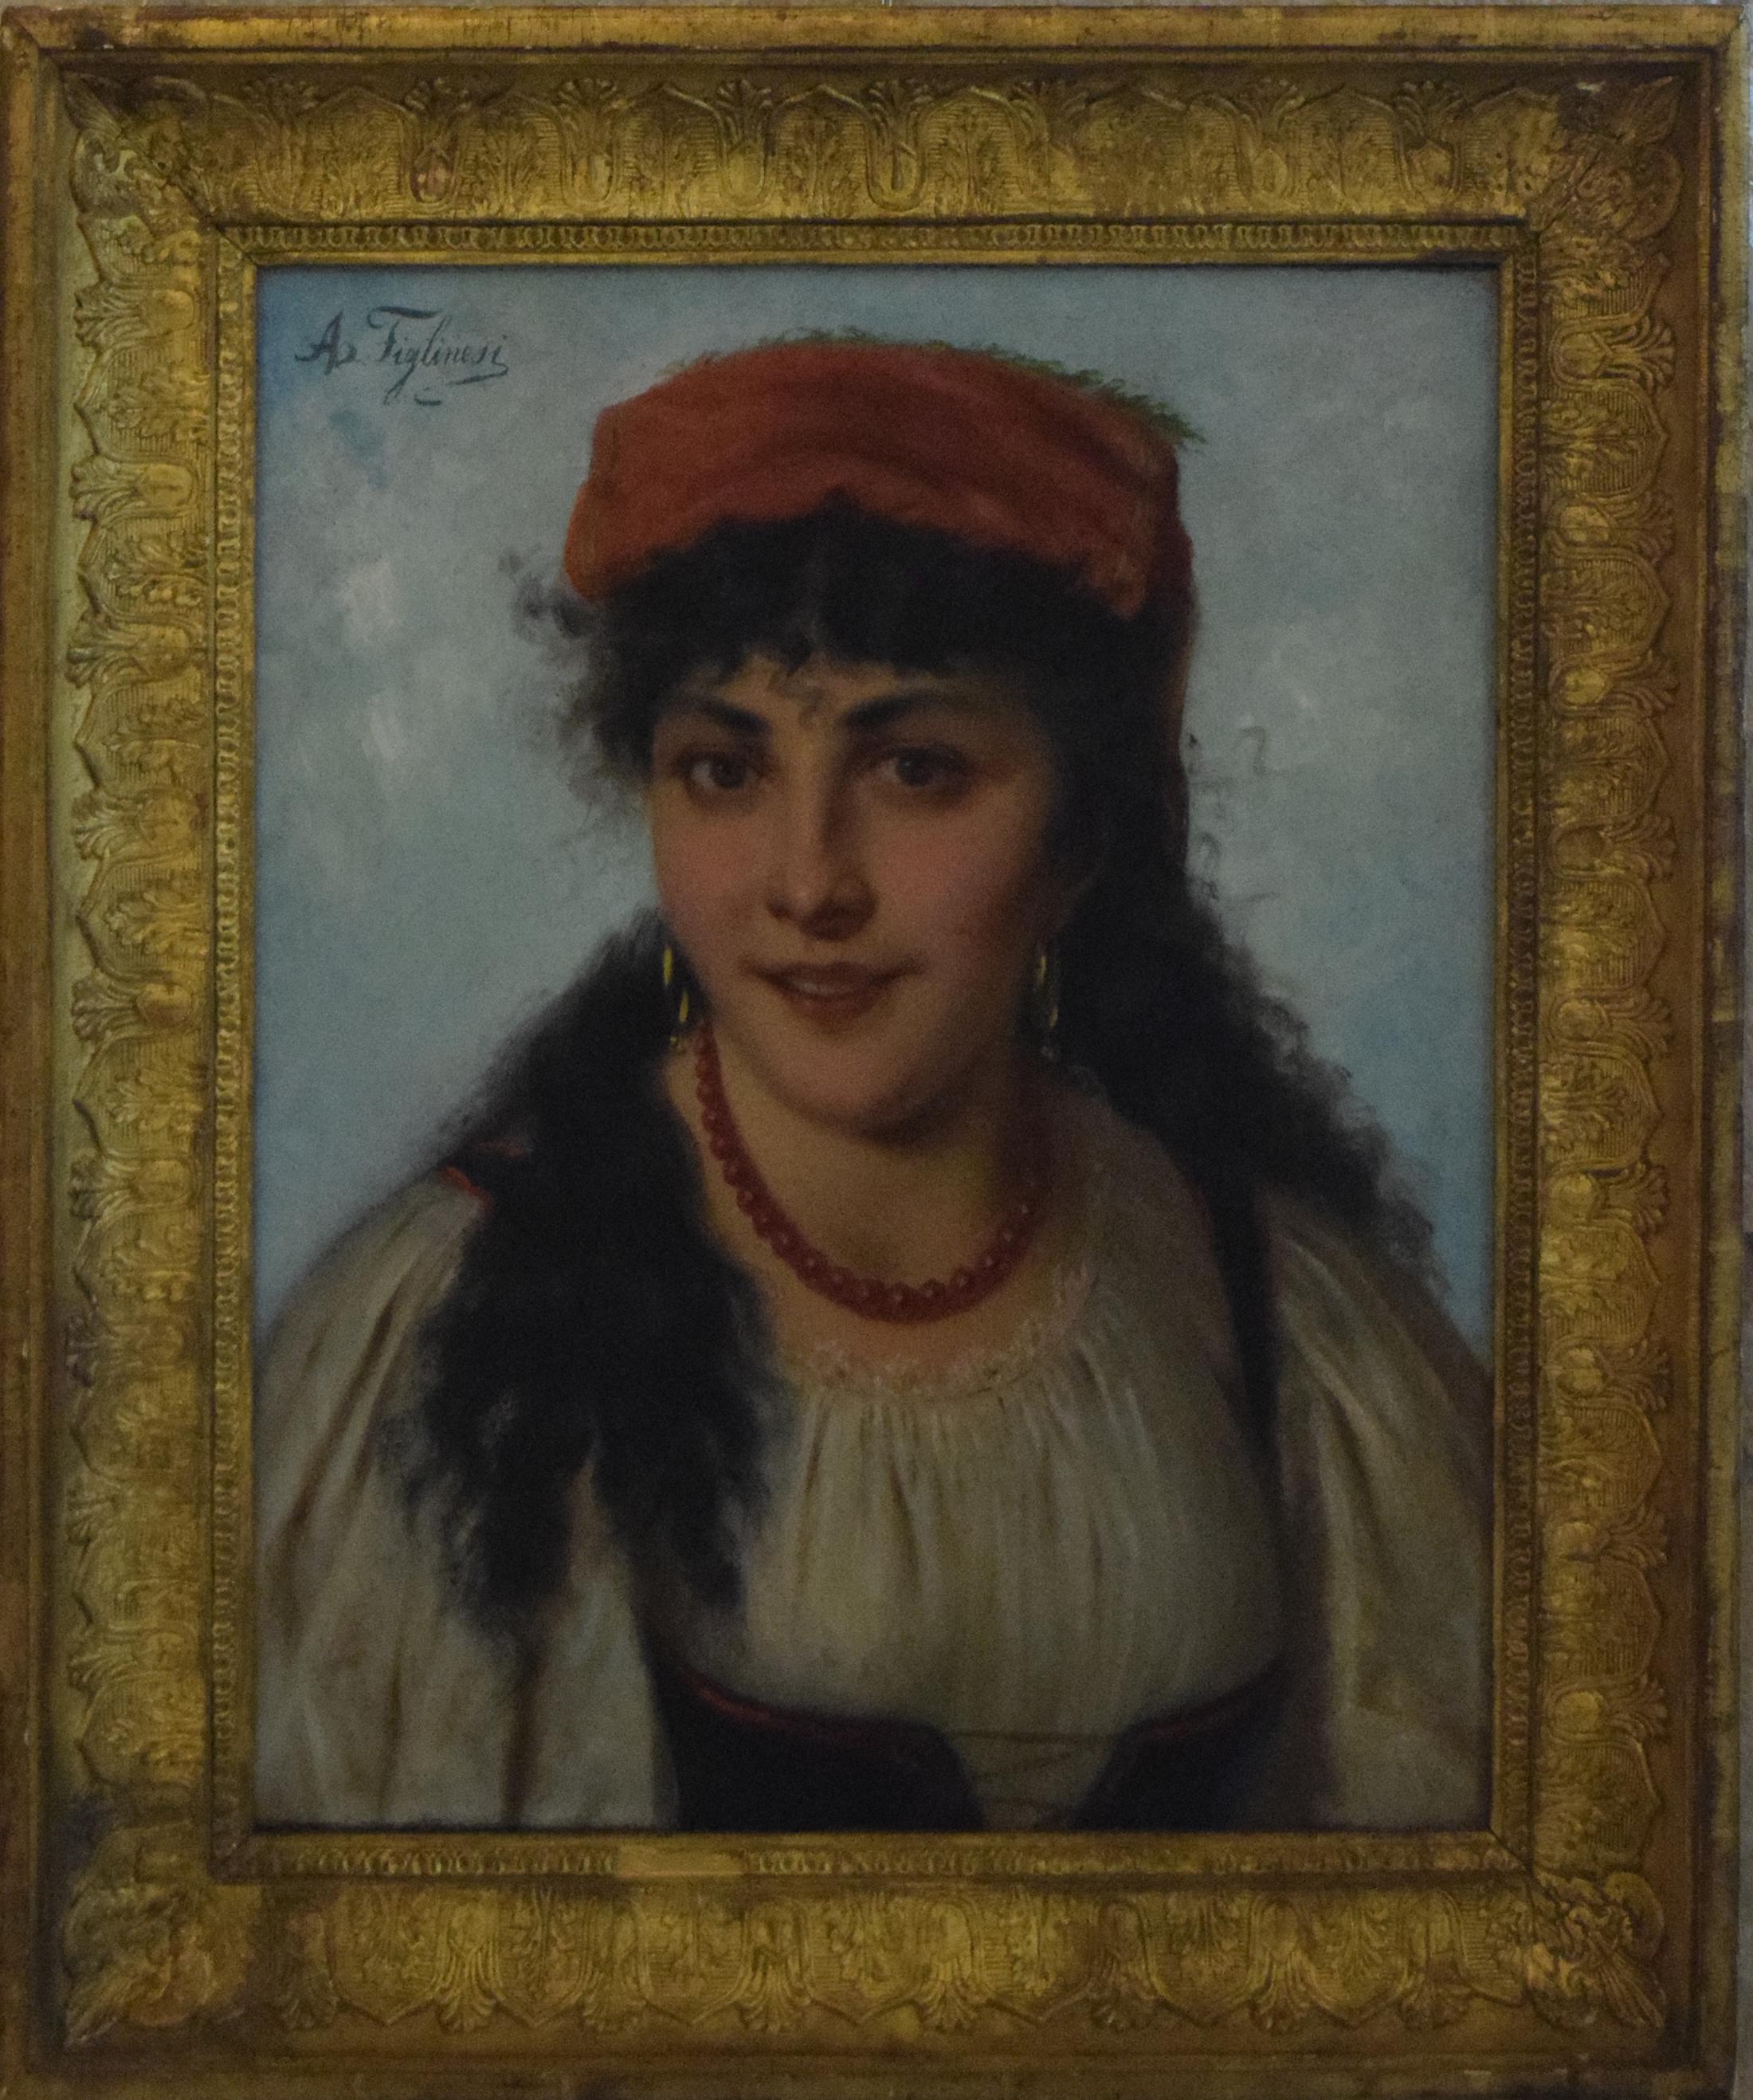 38-a-figlinesi-donna-romana